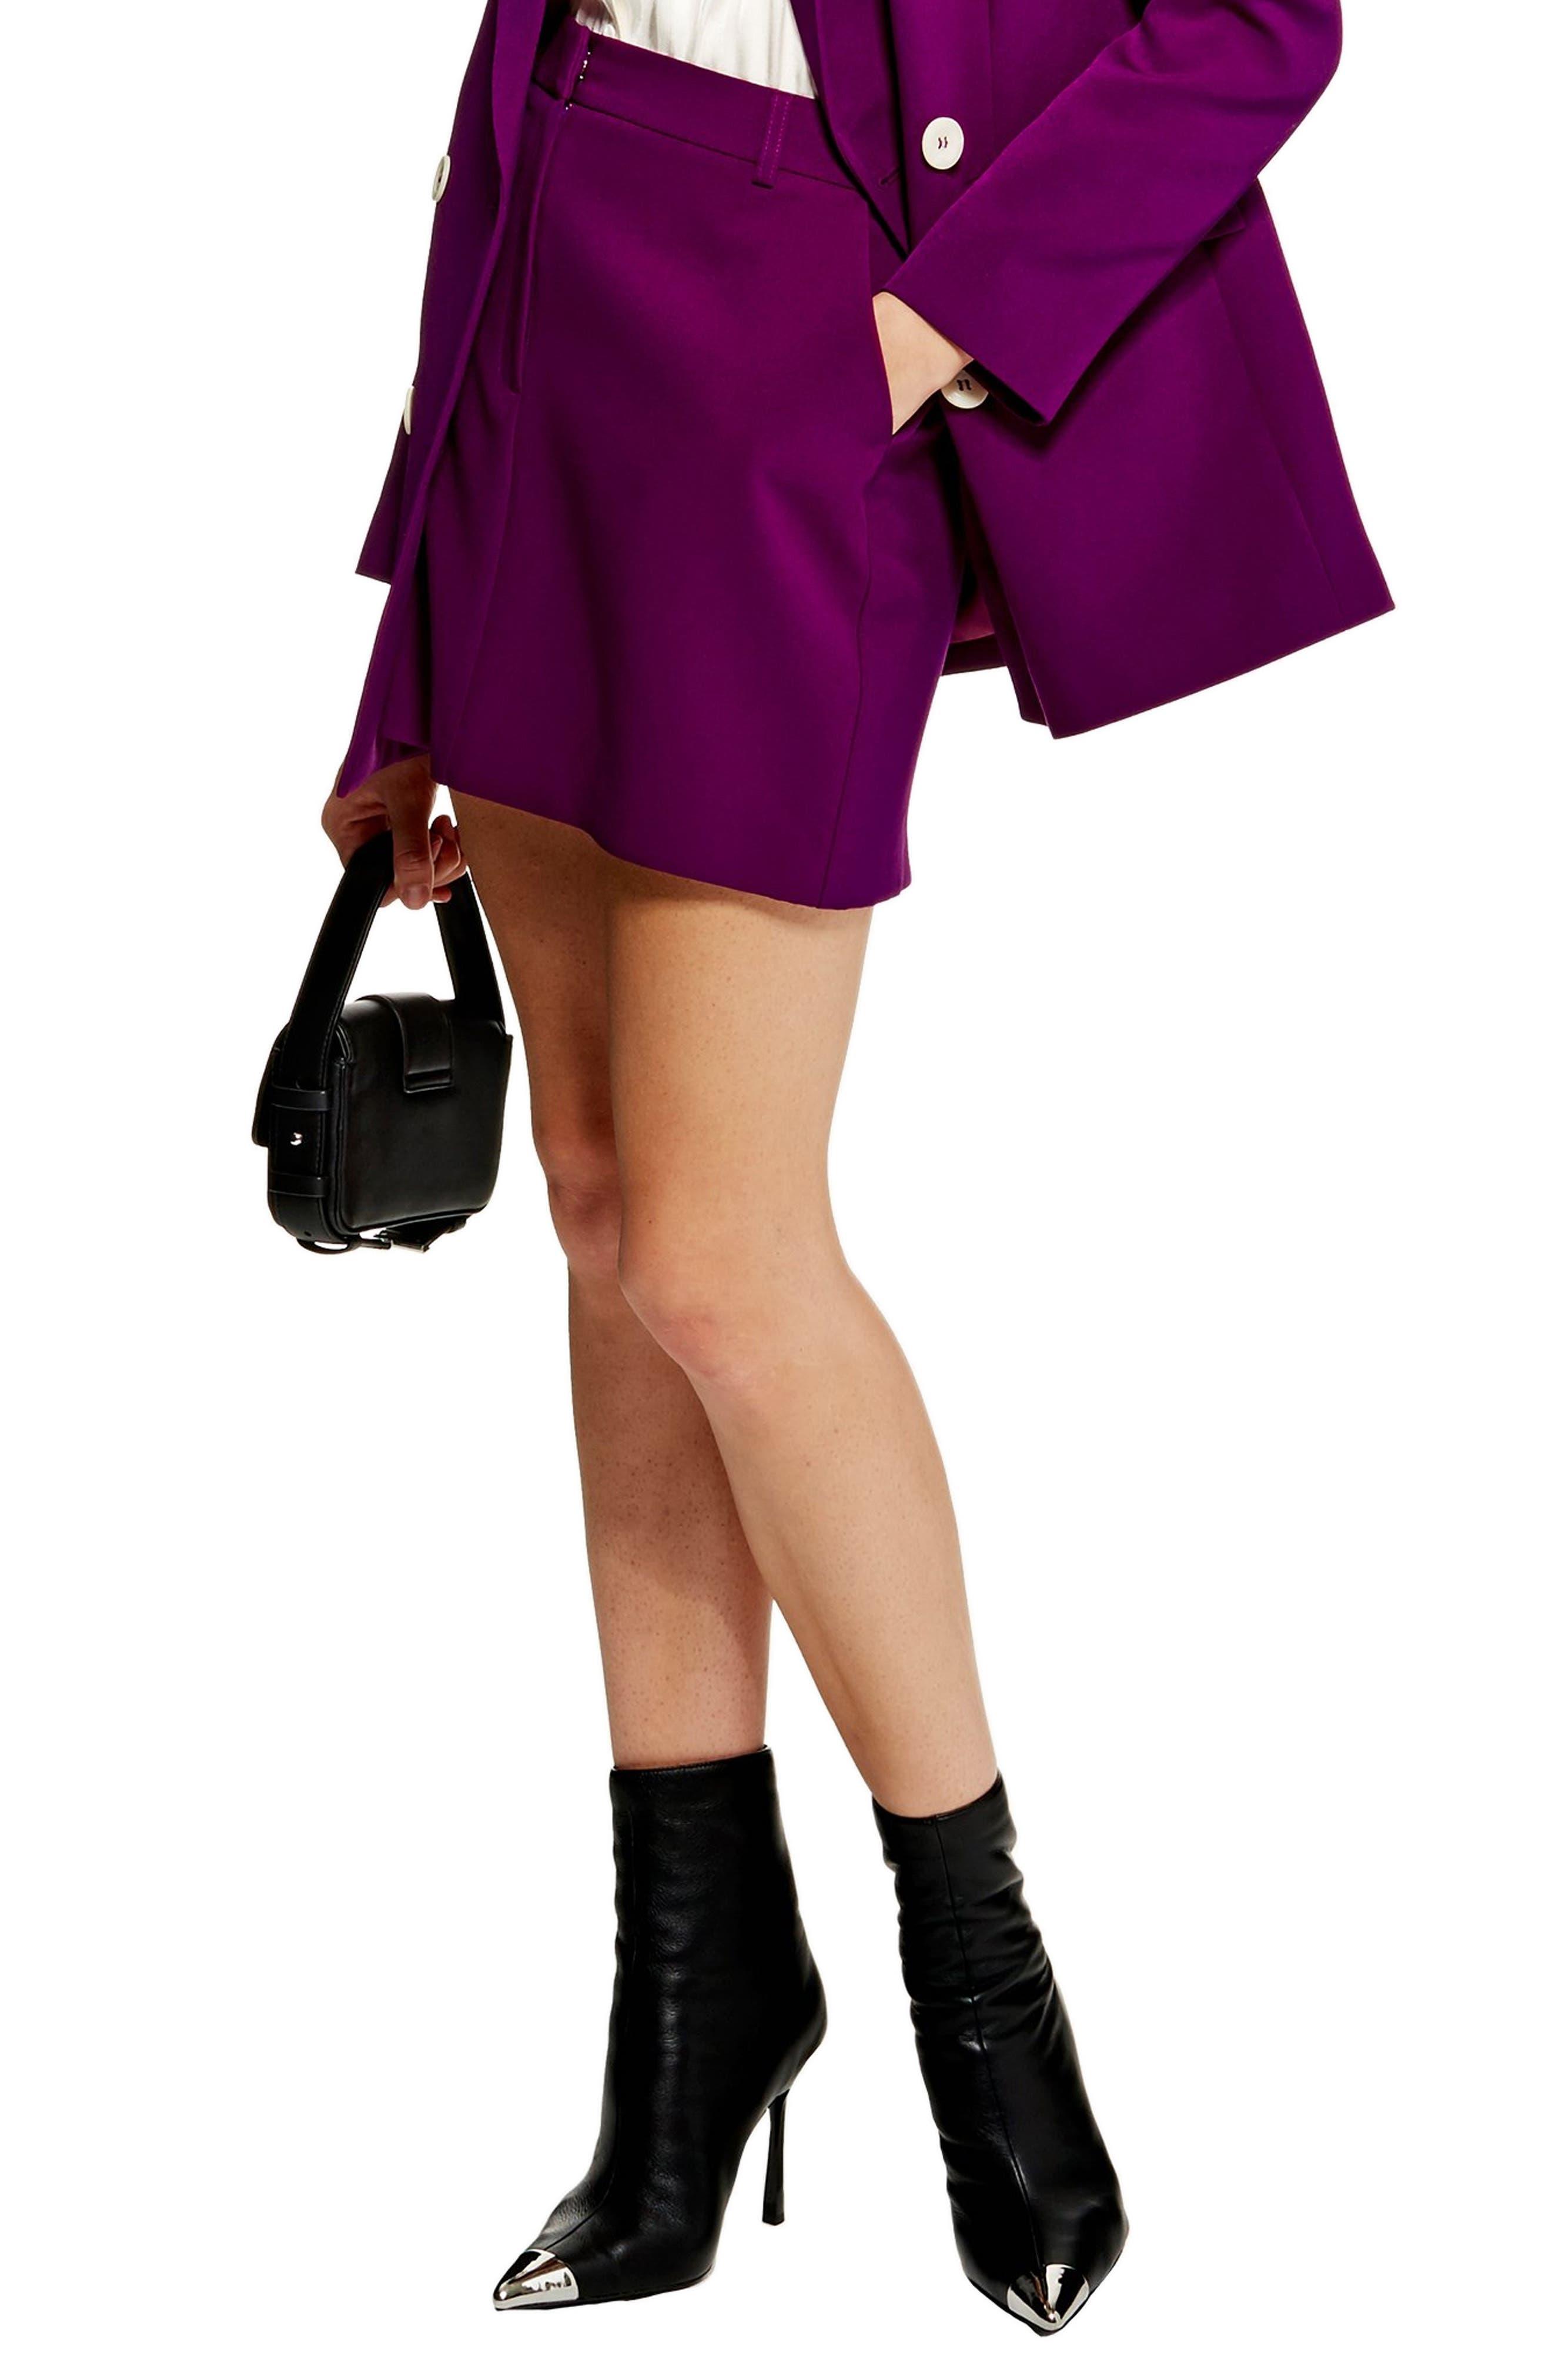 Topshop Eliza Pelmet Miniskirt, US (fits like 2-4) - Purple